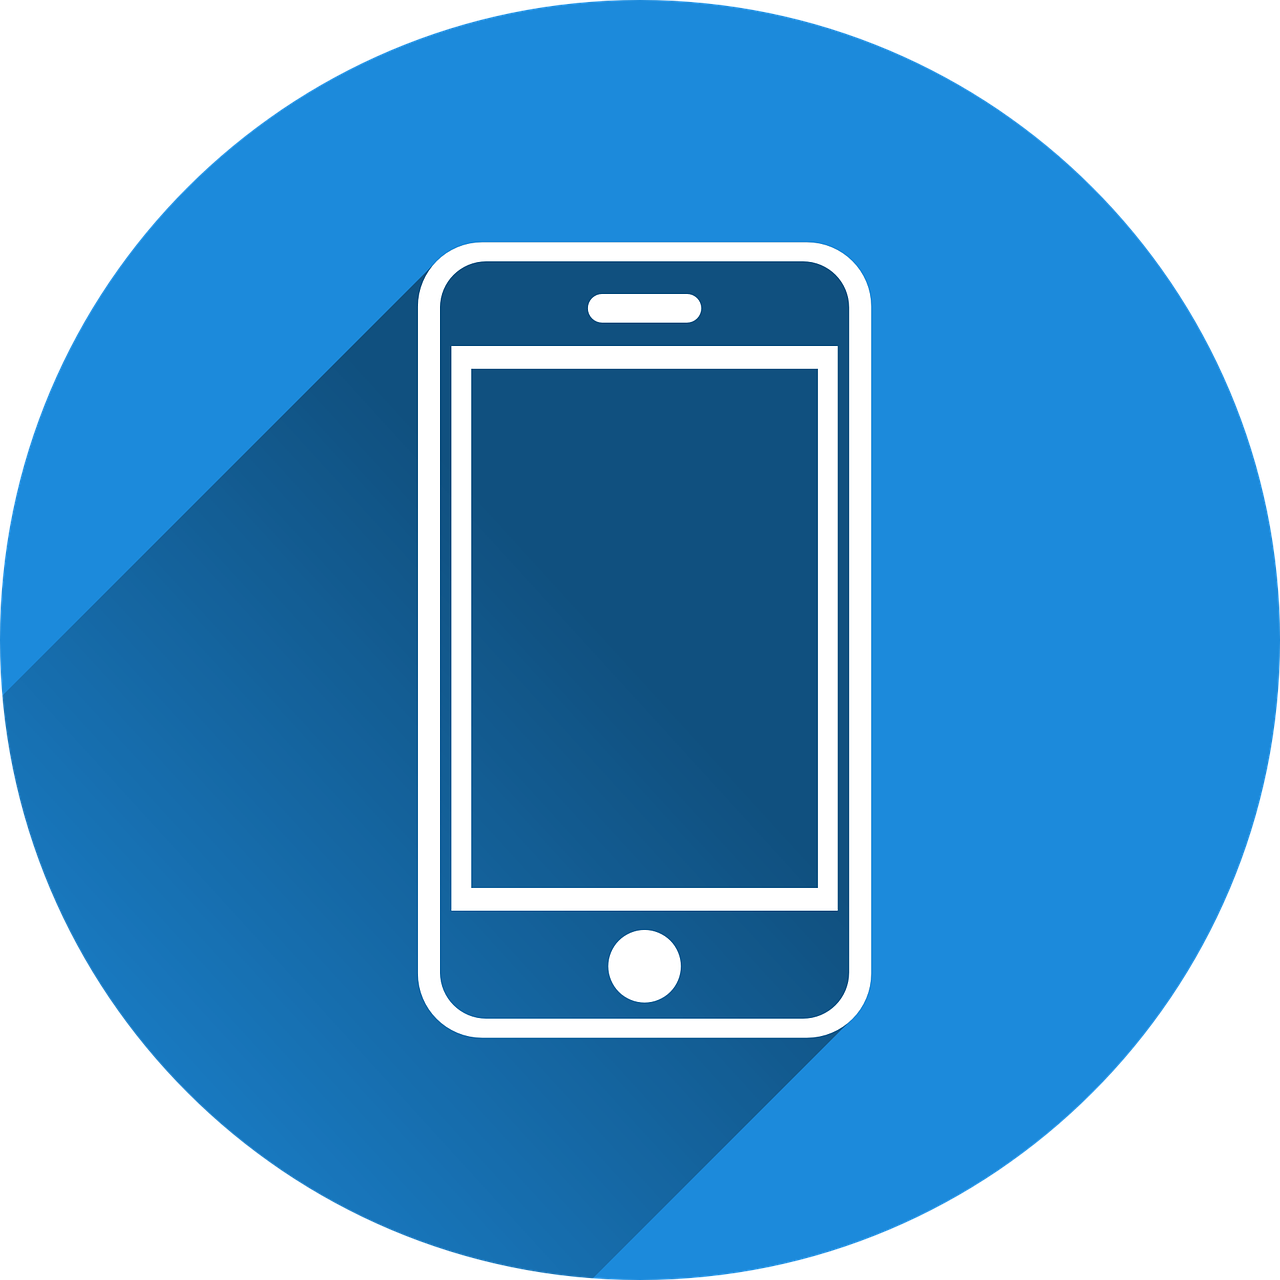 smartphoneIcon